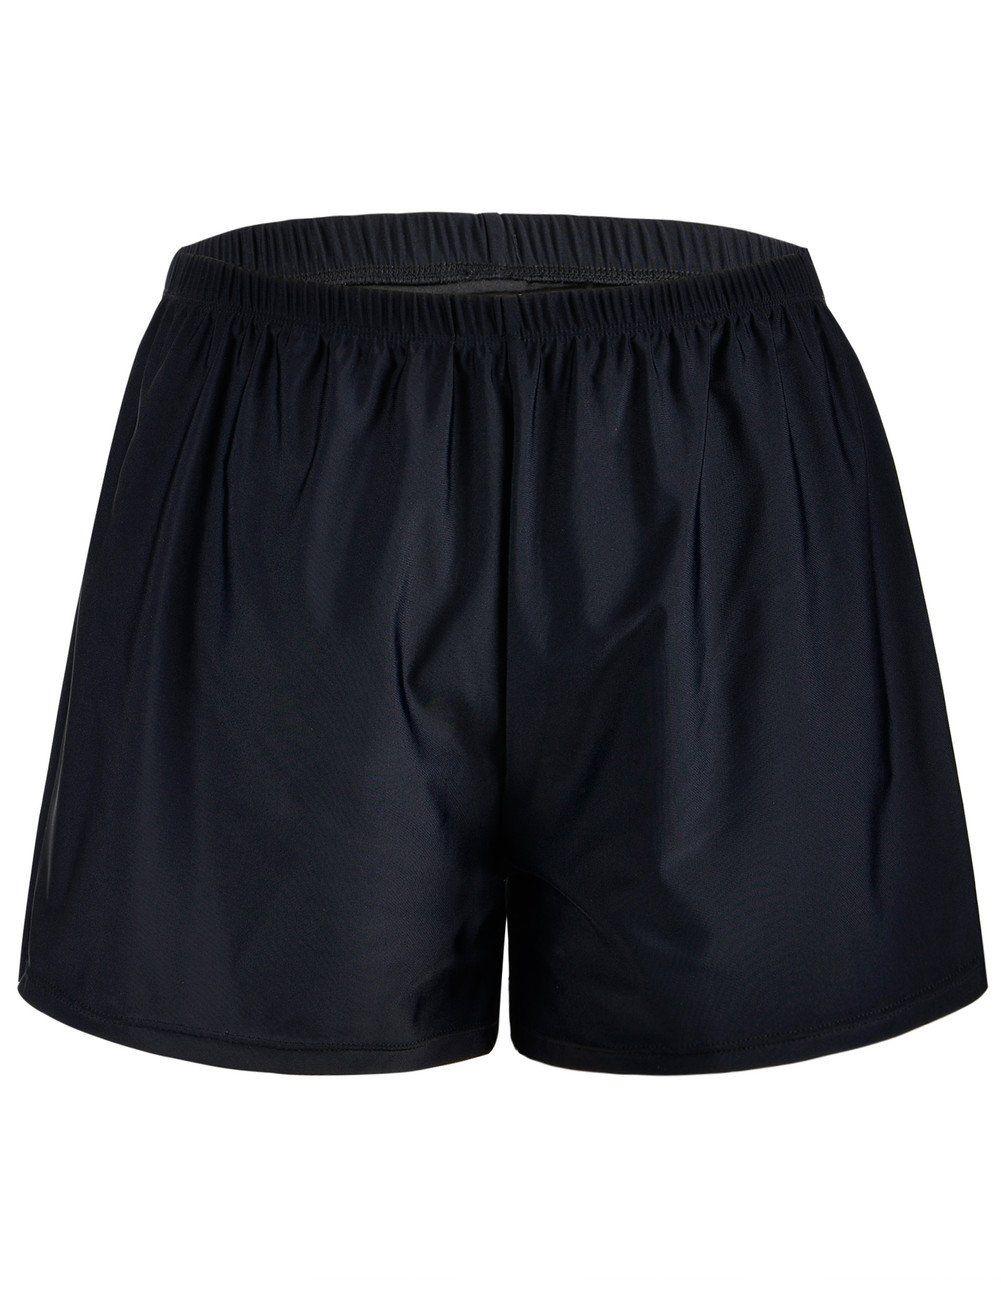 693eab53a9 Firpearl Women's Swim Board Shorts Sport Boyleg Trunk Swimwear Bottom Black  US18. High waist,